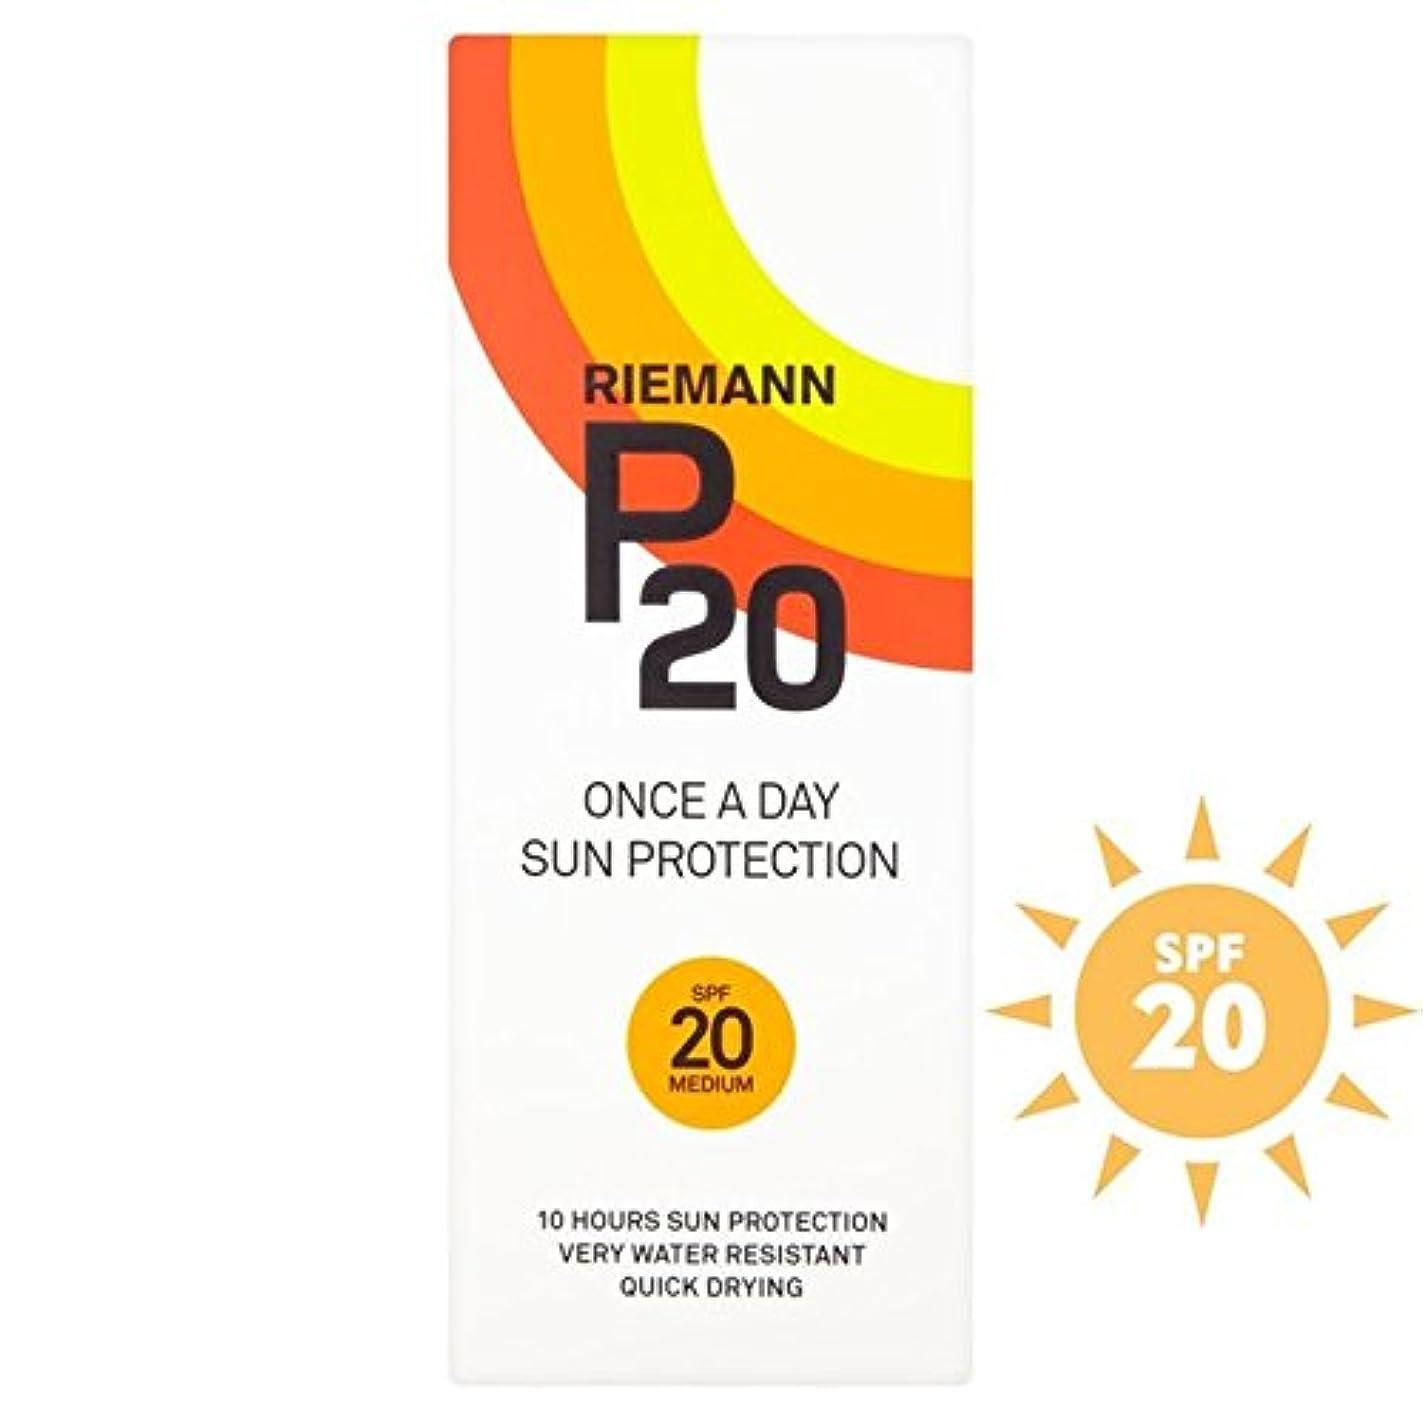 球体ホール重要性リーマン20 20 1日/ 10時間の保護200ミリリットル x4 - Riemann P20 SPF20 1 Day/10 Hour Protection 200ml (Pack of 4) [並行輸入品]